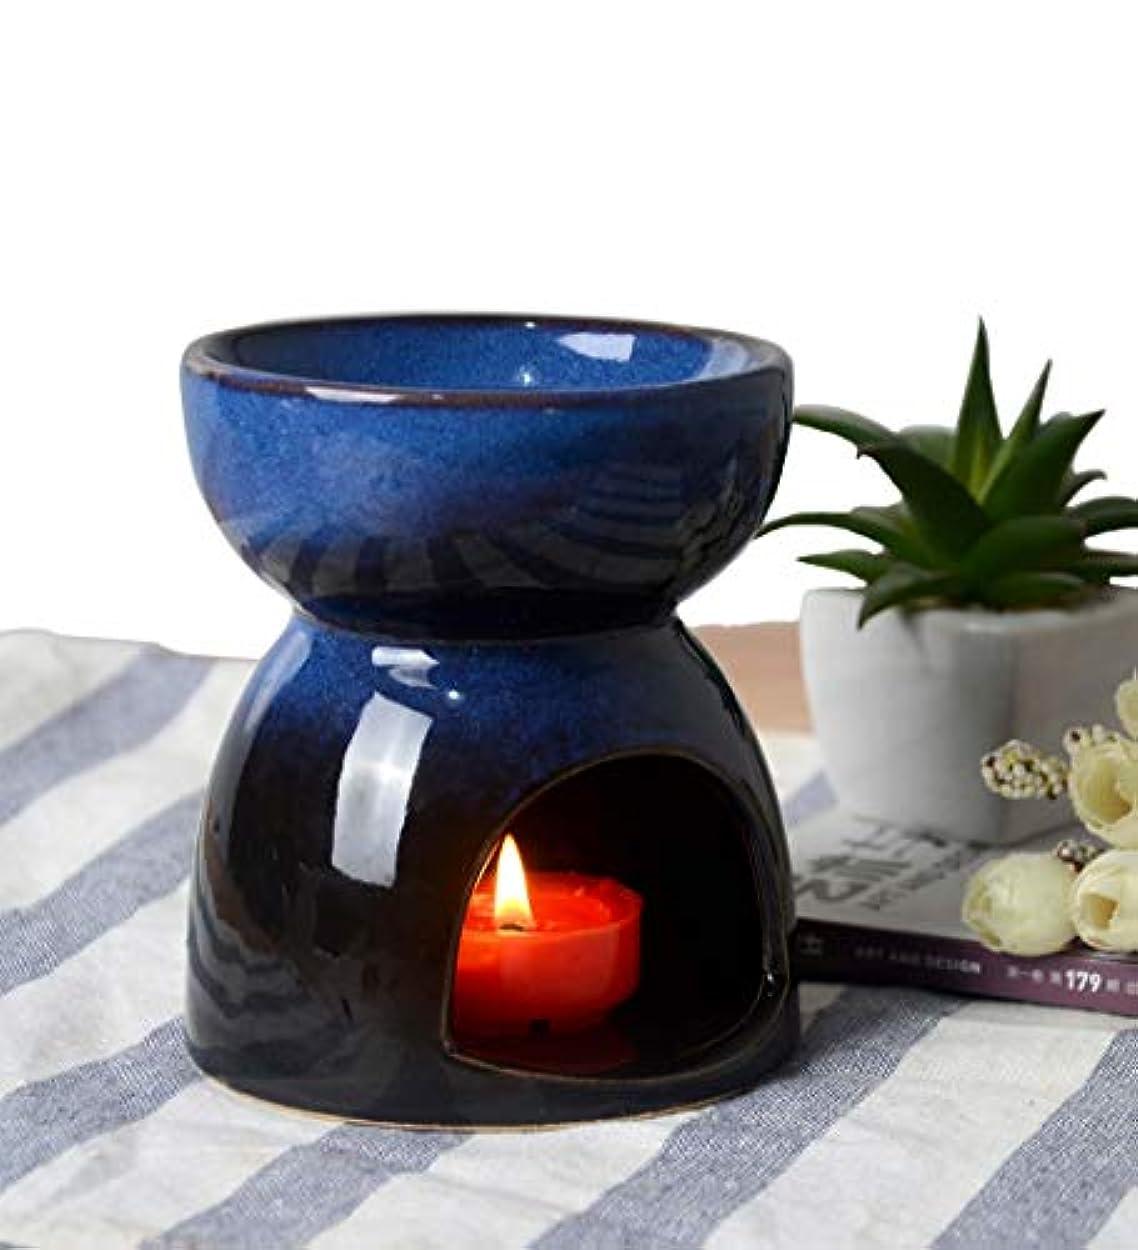 公労働打ち上げるHwagui お香 茶 香炉 アロマ炉 中空の彫刻工芸 癒し お茶の香り 陶器 置物 靑い